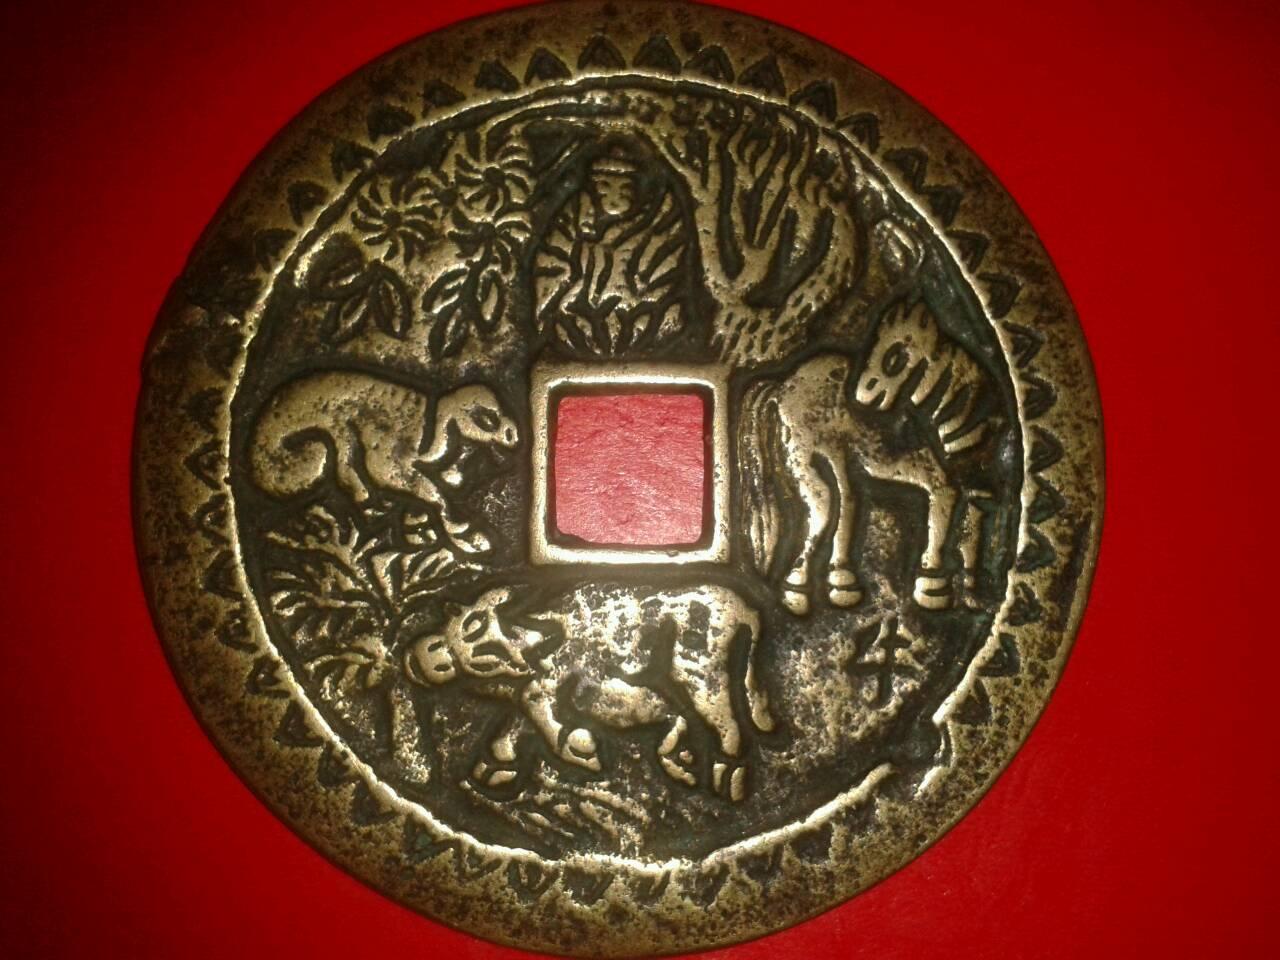 洪武通宝大花钱,纯手工制作古代青铜器,背刻有牛马羊僧,厚度约3毫米